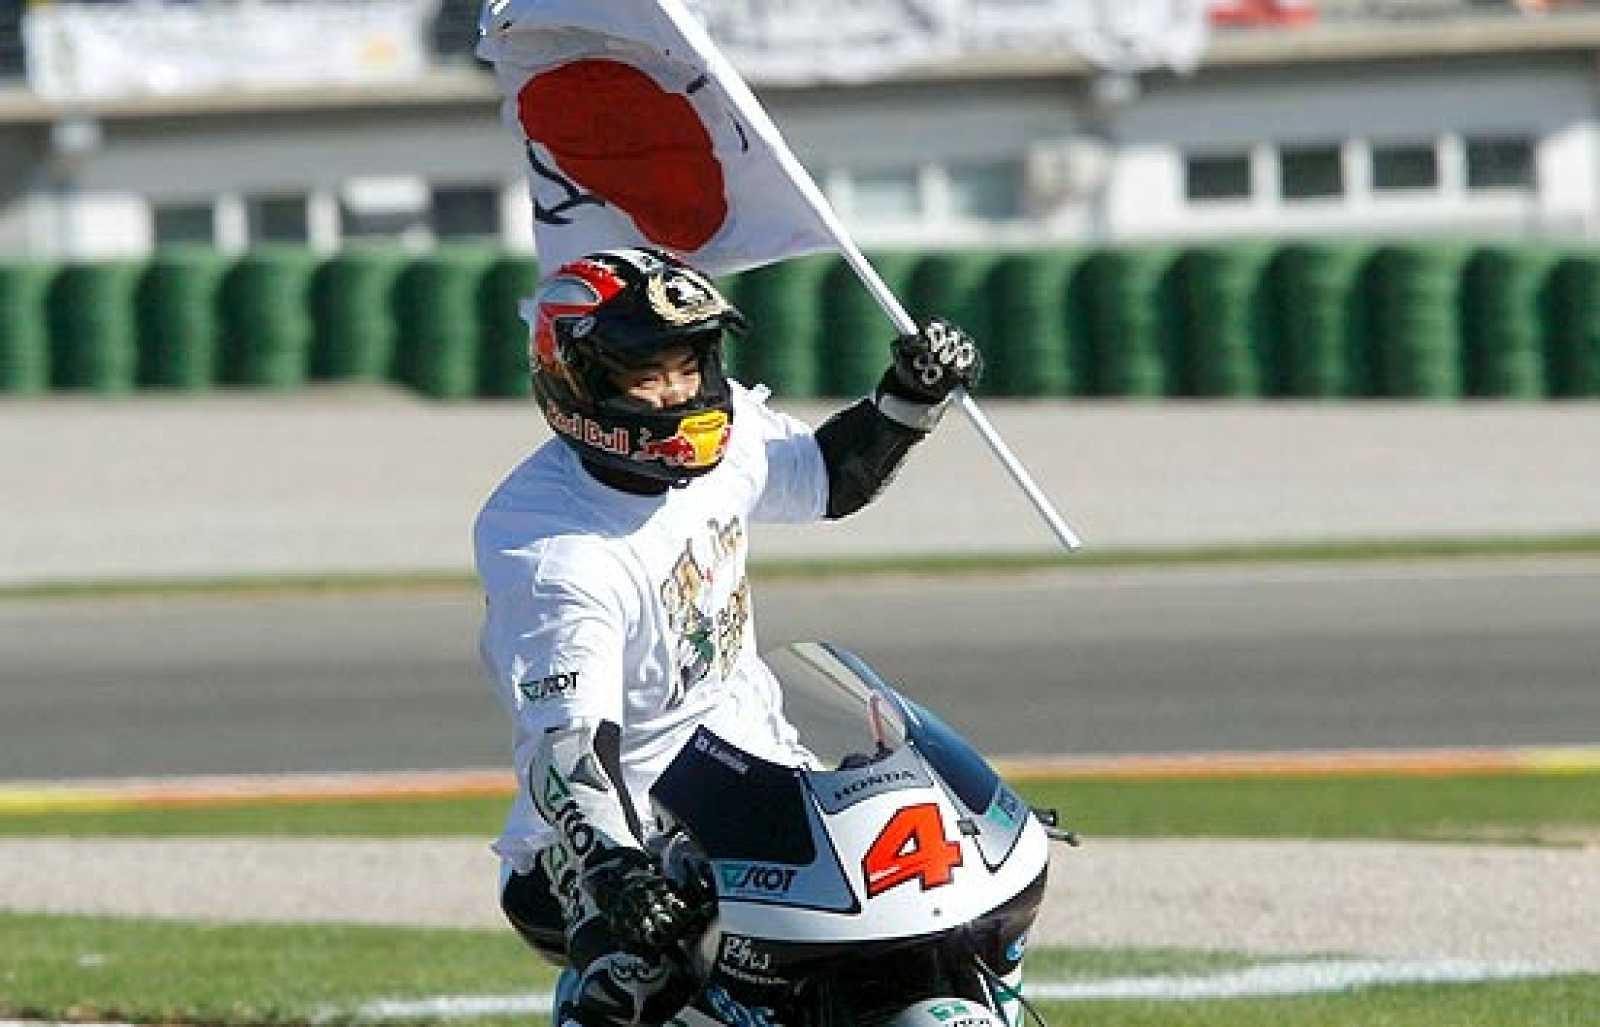 Simoncelli ha estado a punto de arrebatar el título mundial de 250 cc a Aoyama en la última carrera del Mundial.